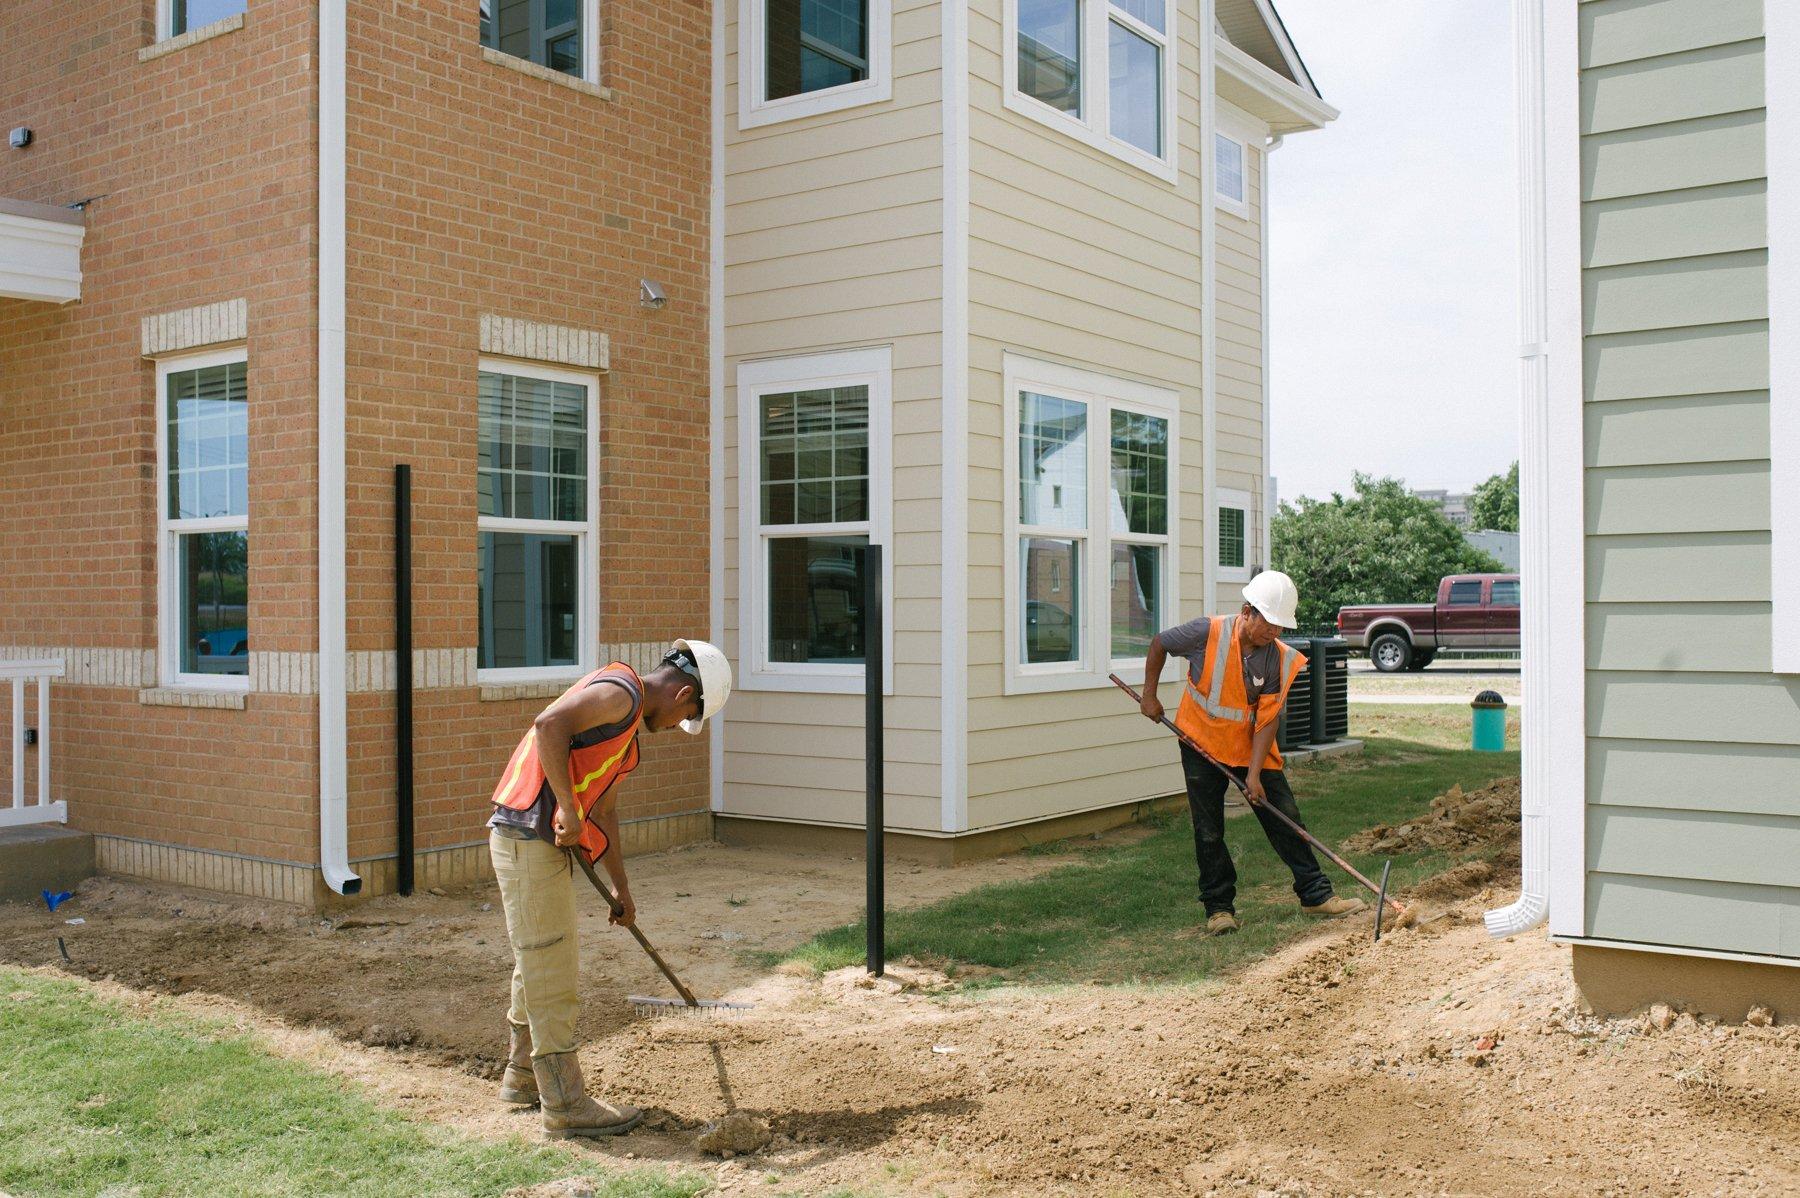 commercial landscape maintenance at an apartment complex